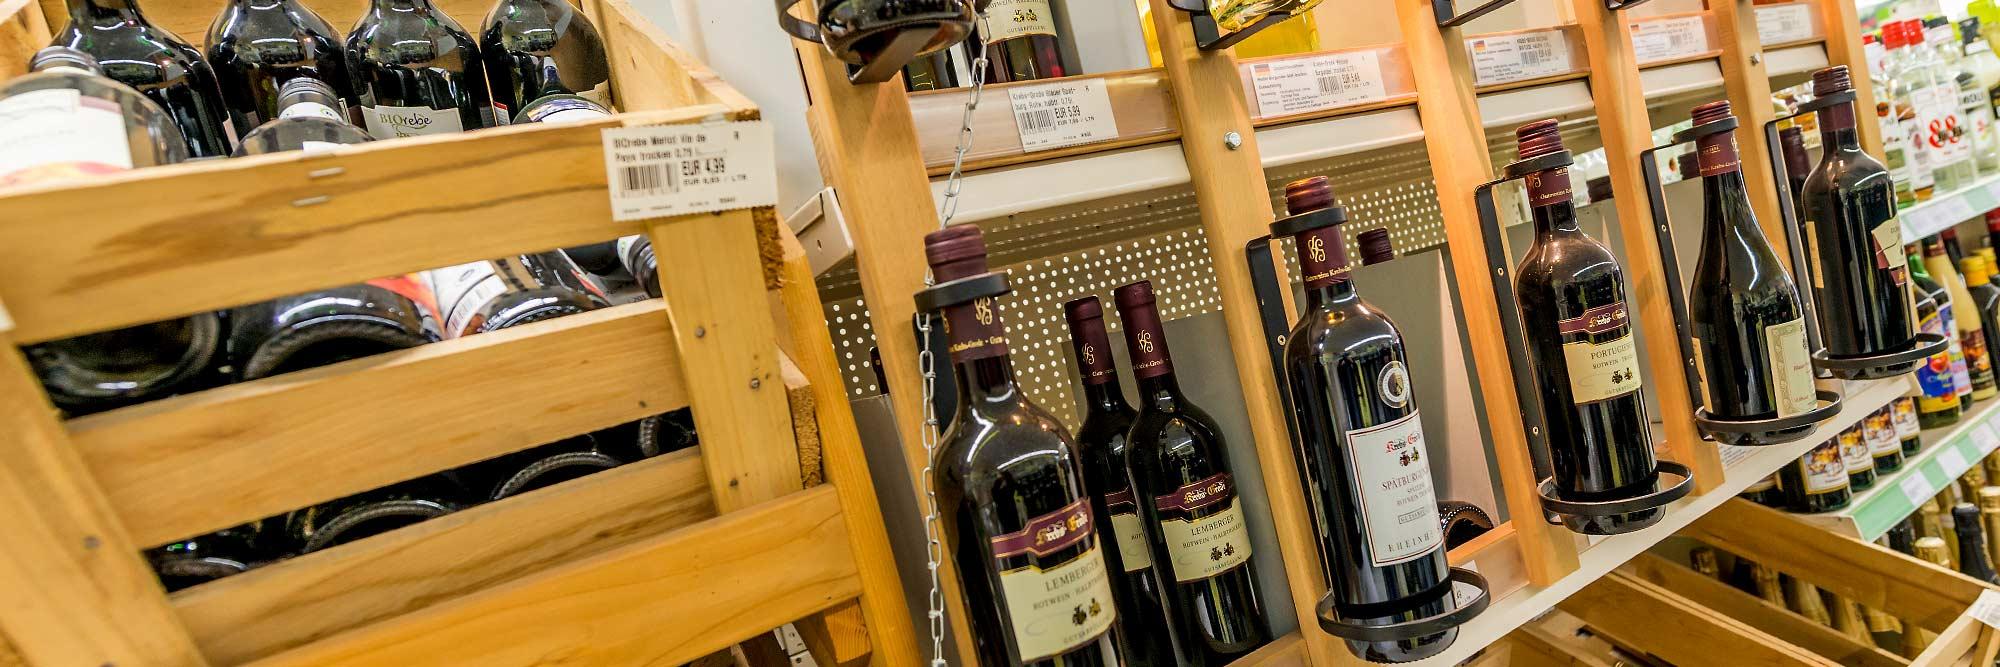 Raiffeisen Markt Ottmarsbocholt Wein